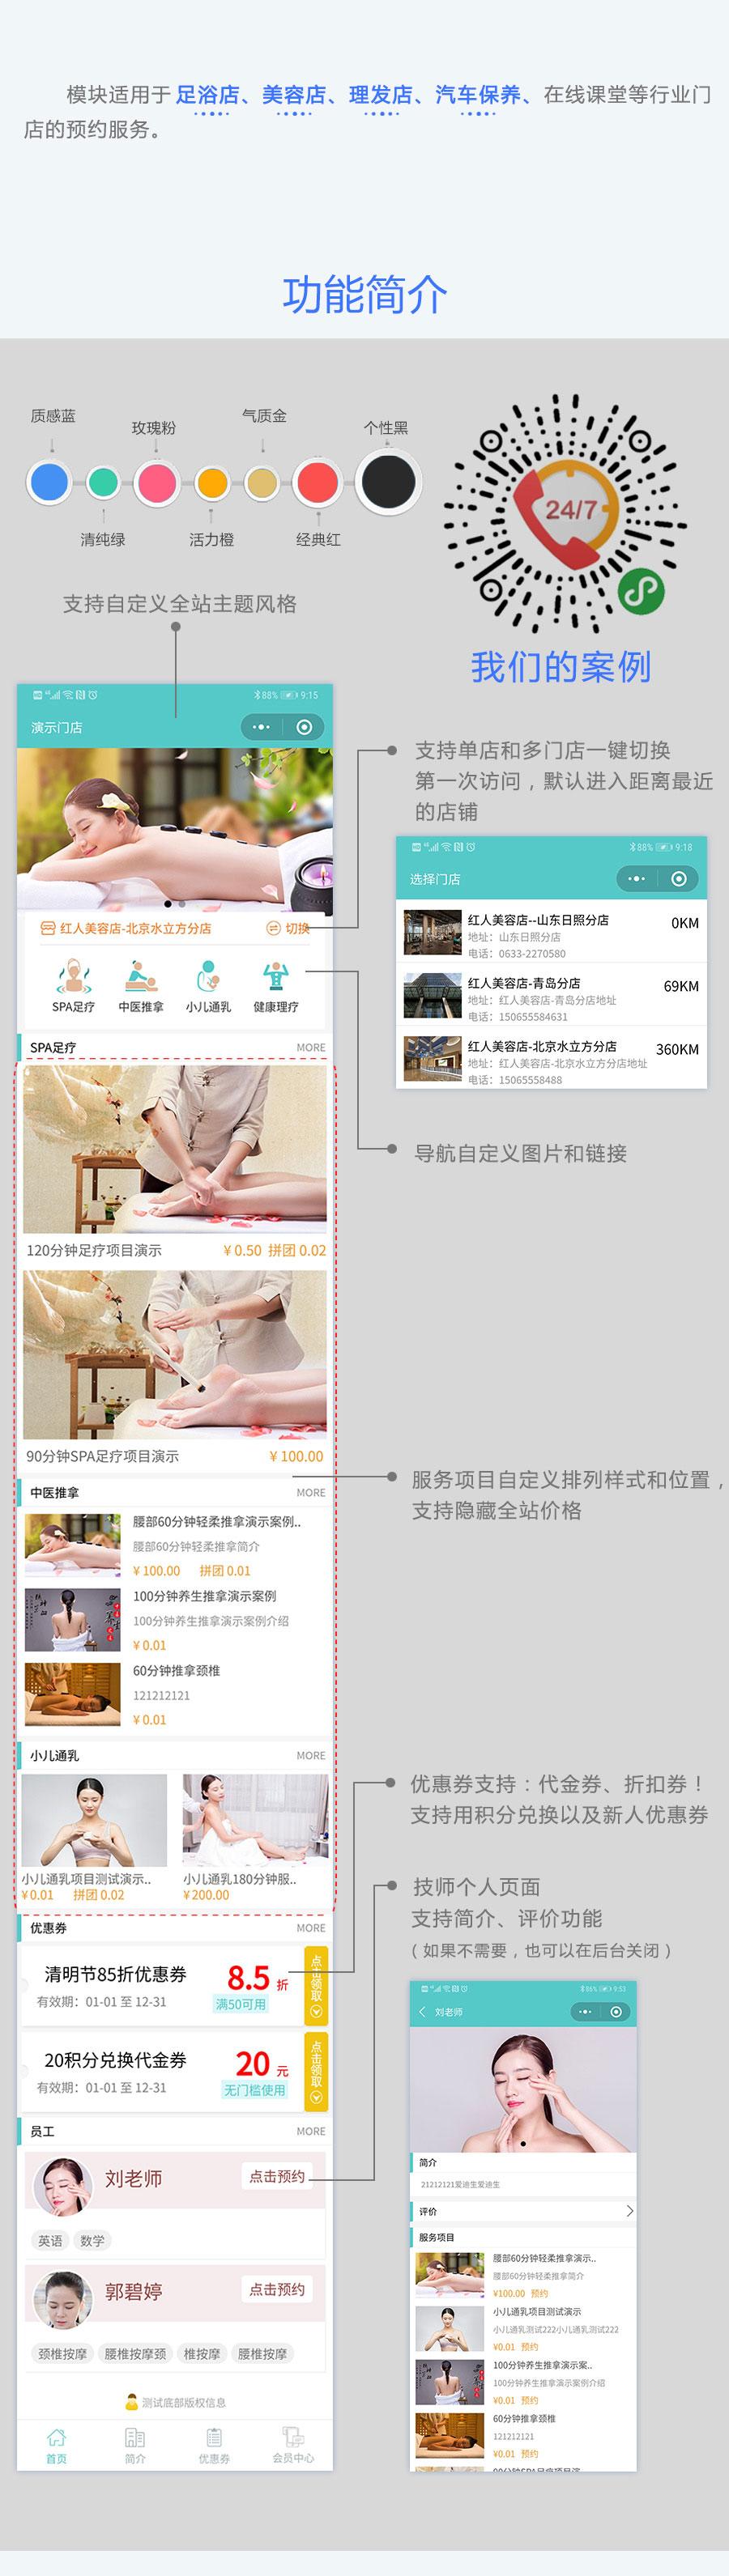 微疑小法式 精致多止业预定seo使用的工具包-门店小法式V3.1.2-幽灵米